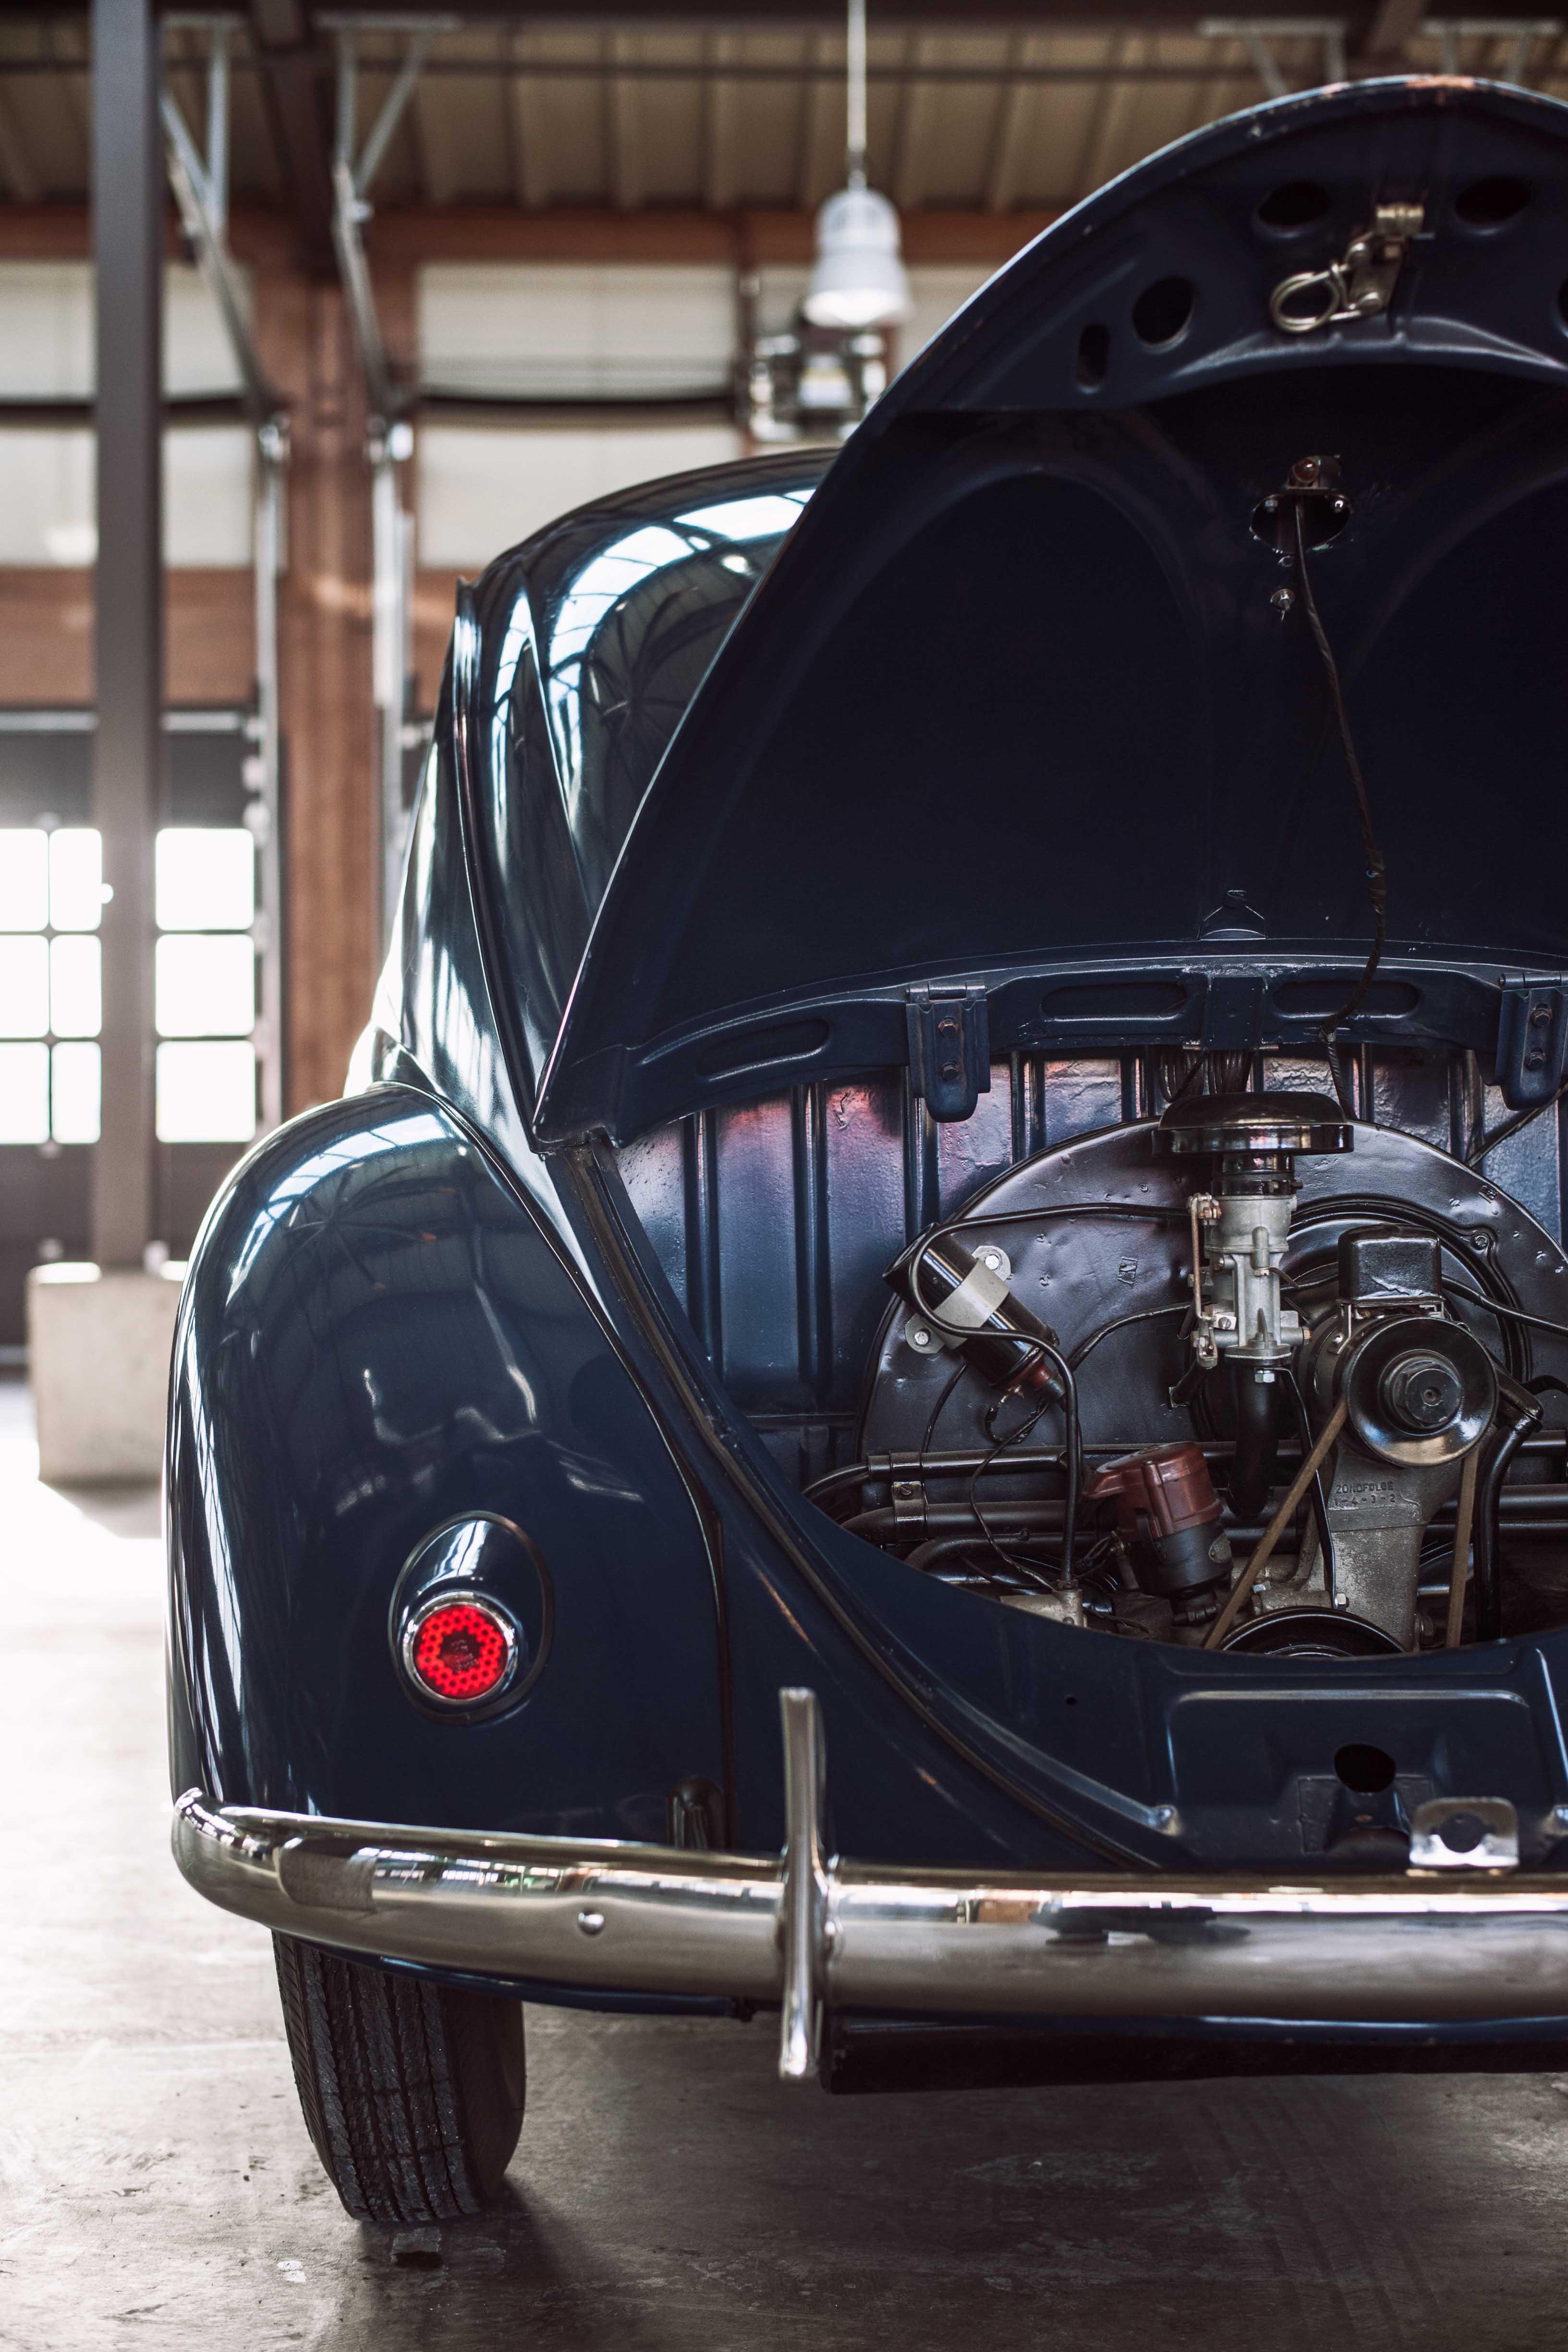 1949 Volkswagen engine